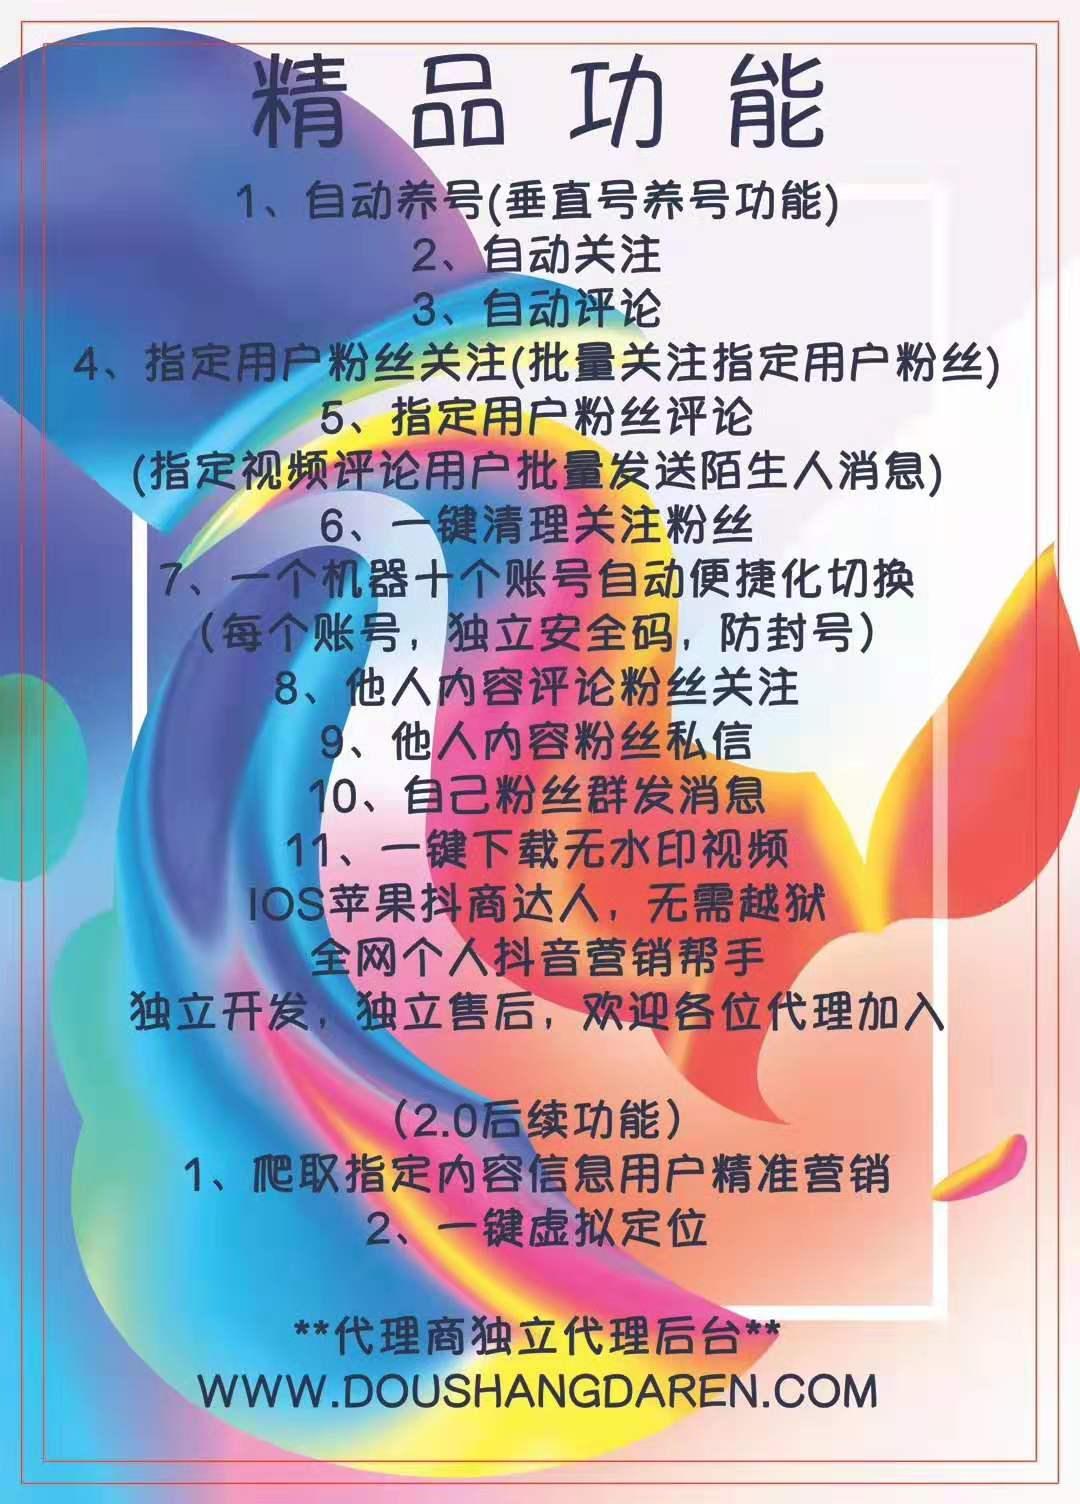 【抖商达人官网】苹果抖音多功能养号营销神器正版激活码